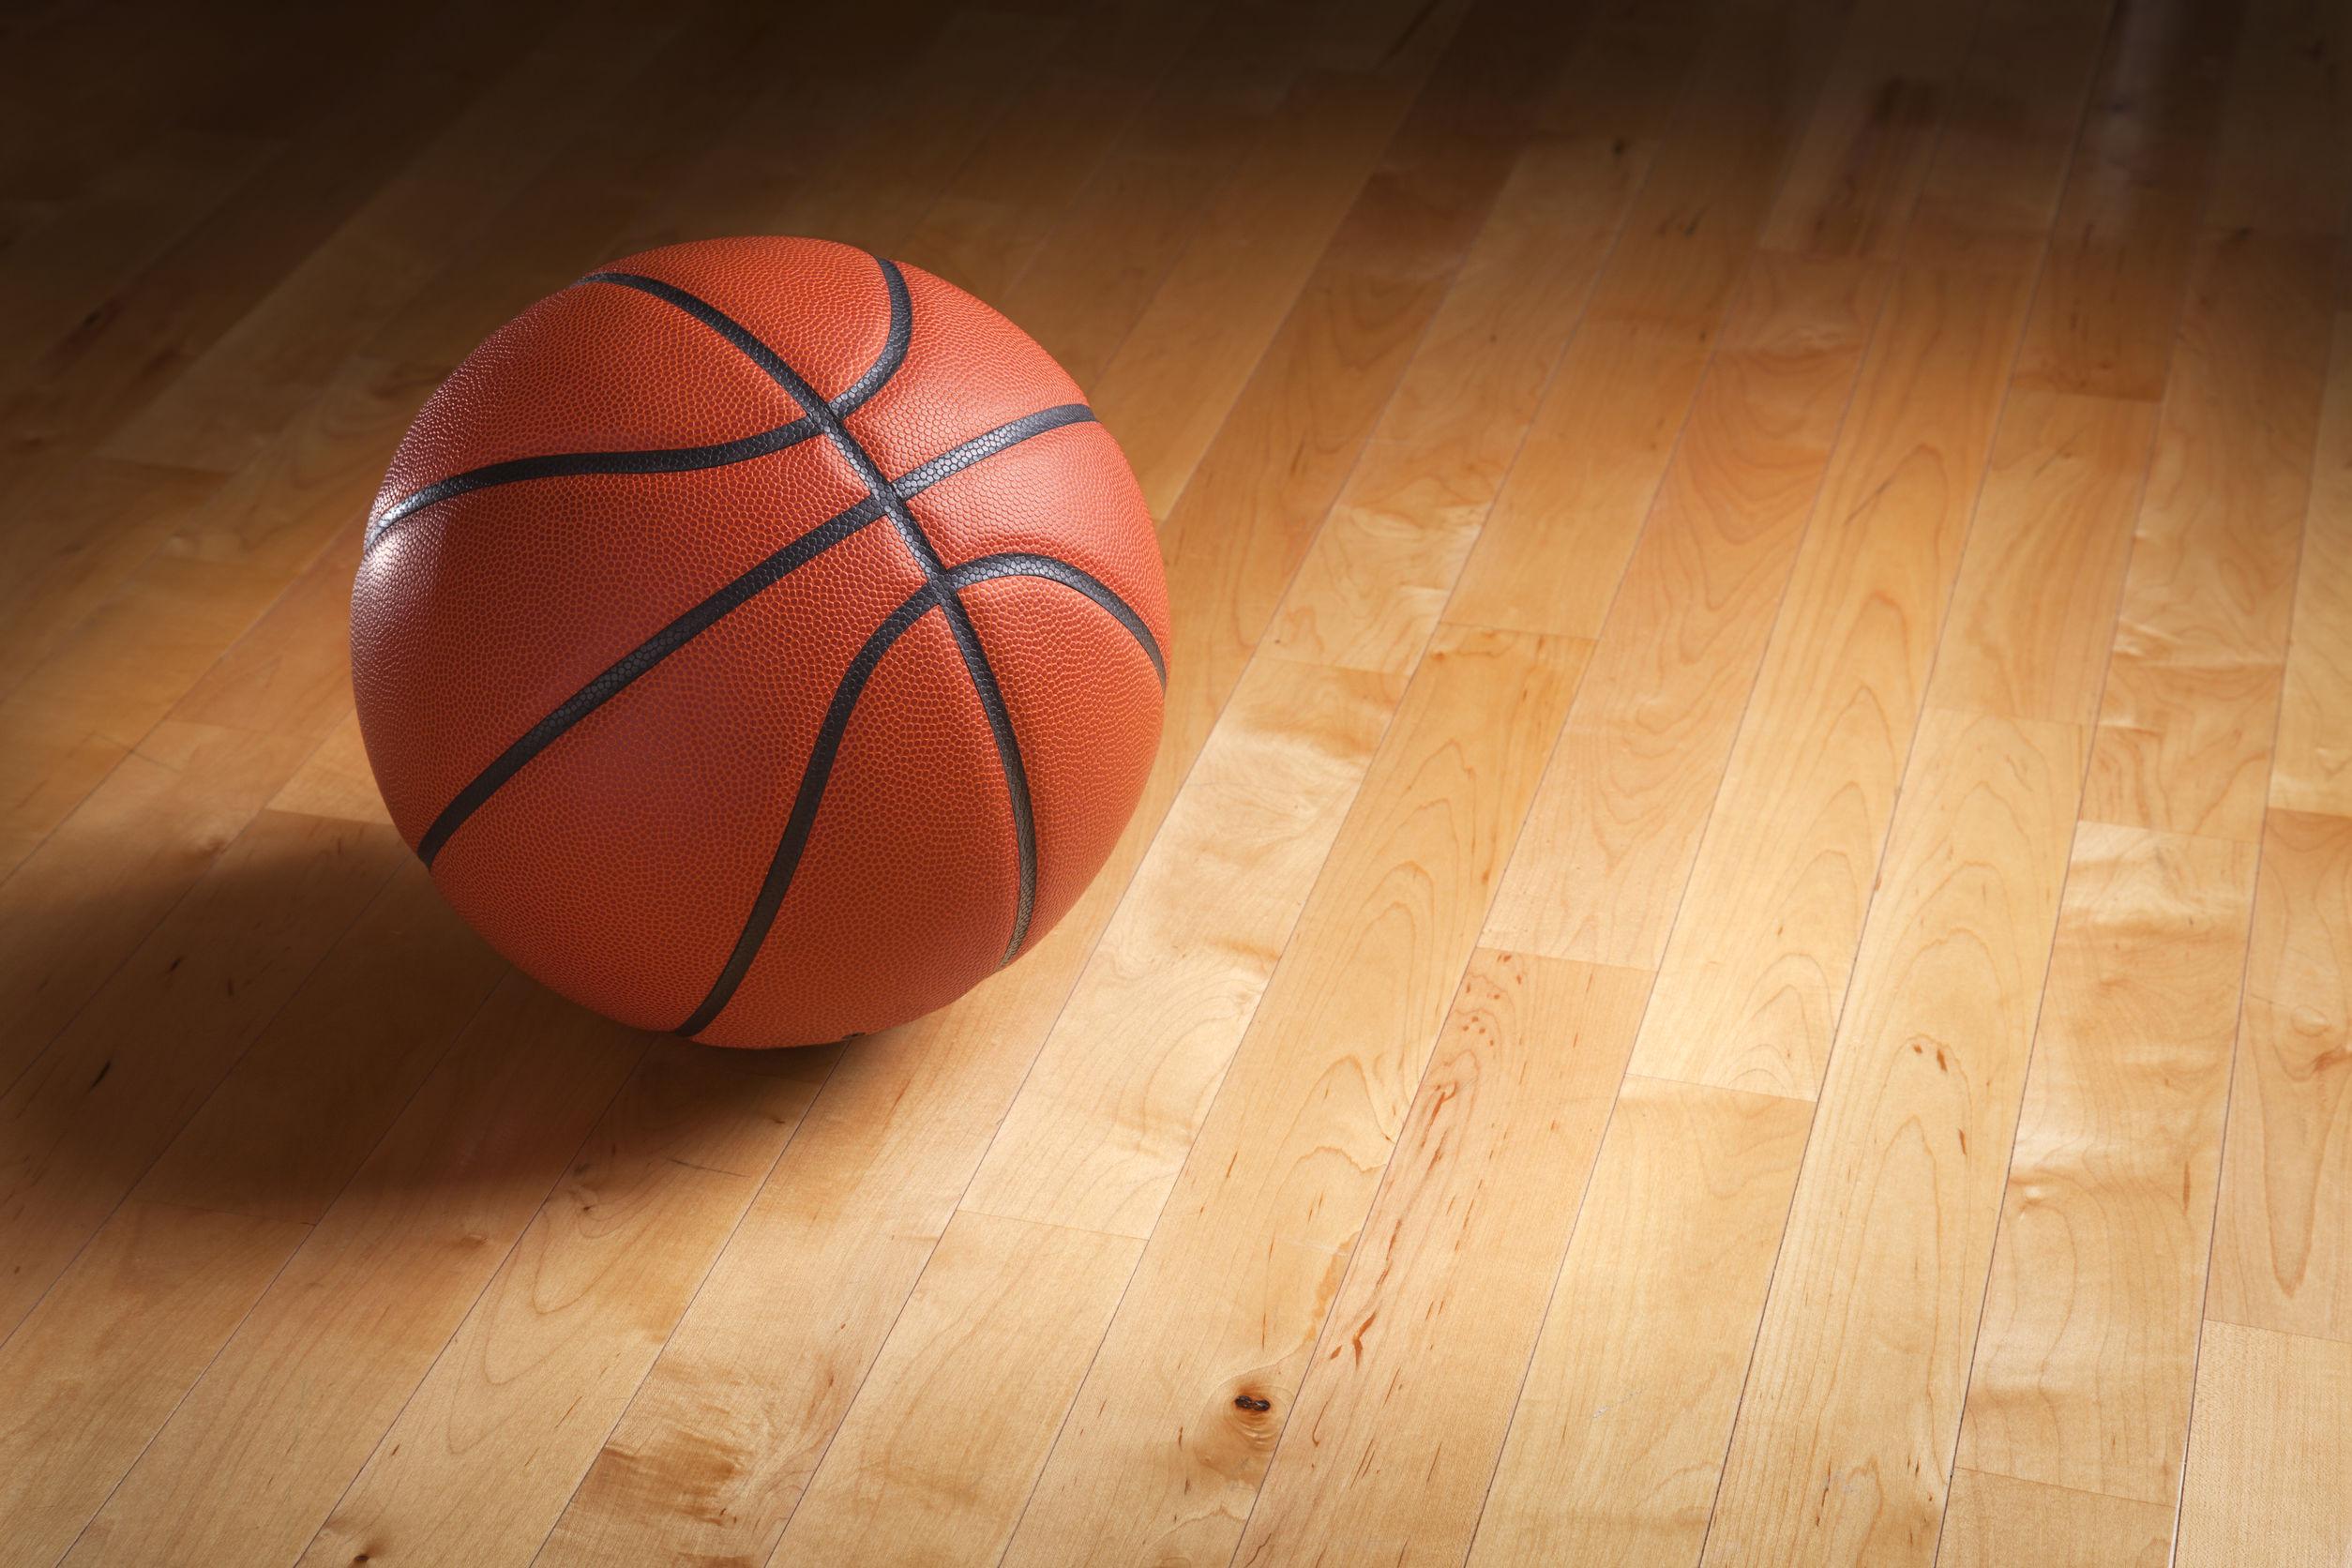 Bbalon-de-basquetbol